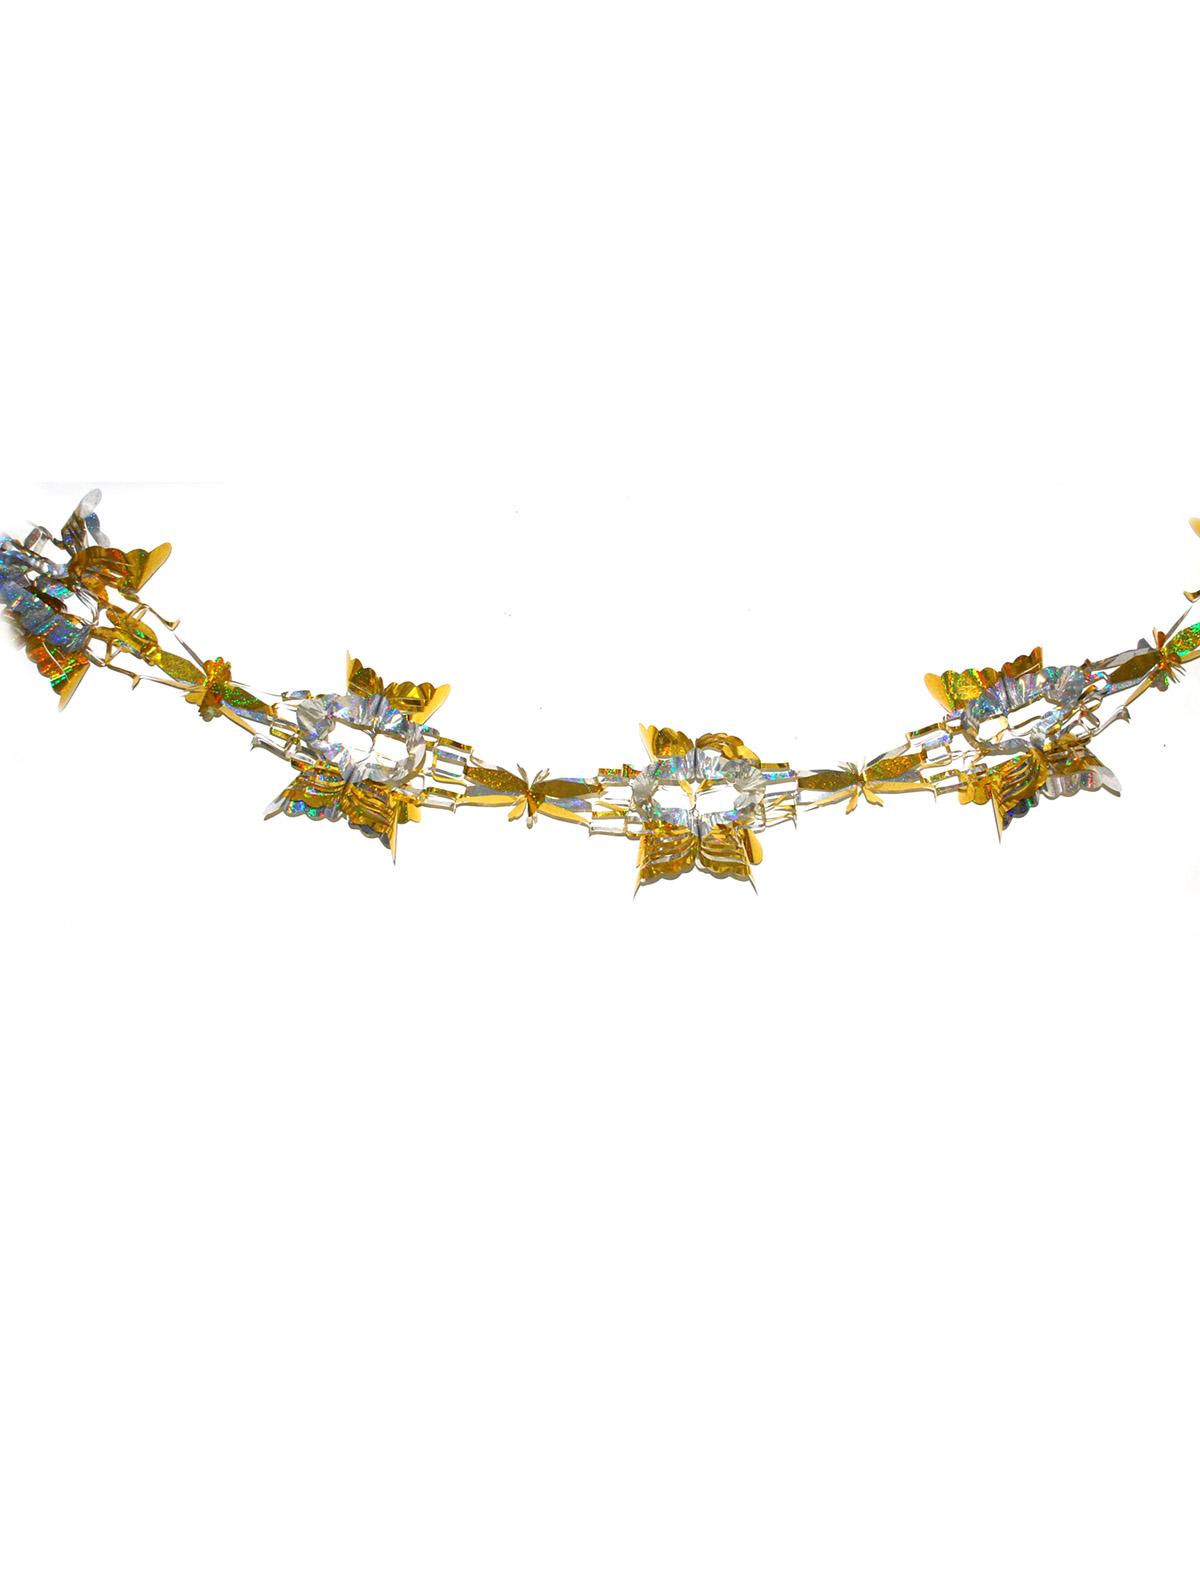 Girlande irisierend gold/silber 3m